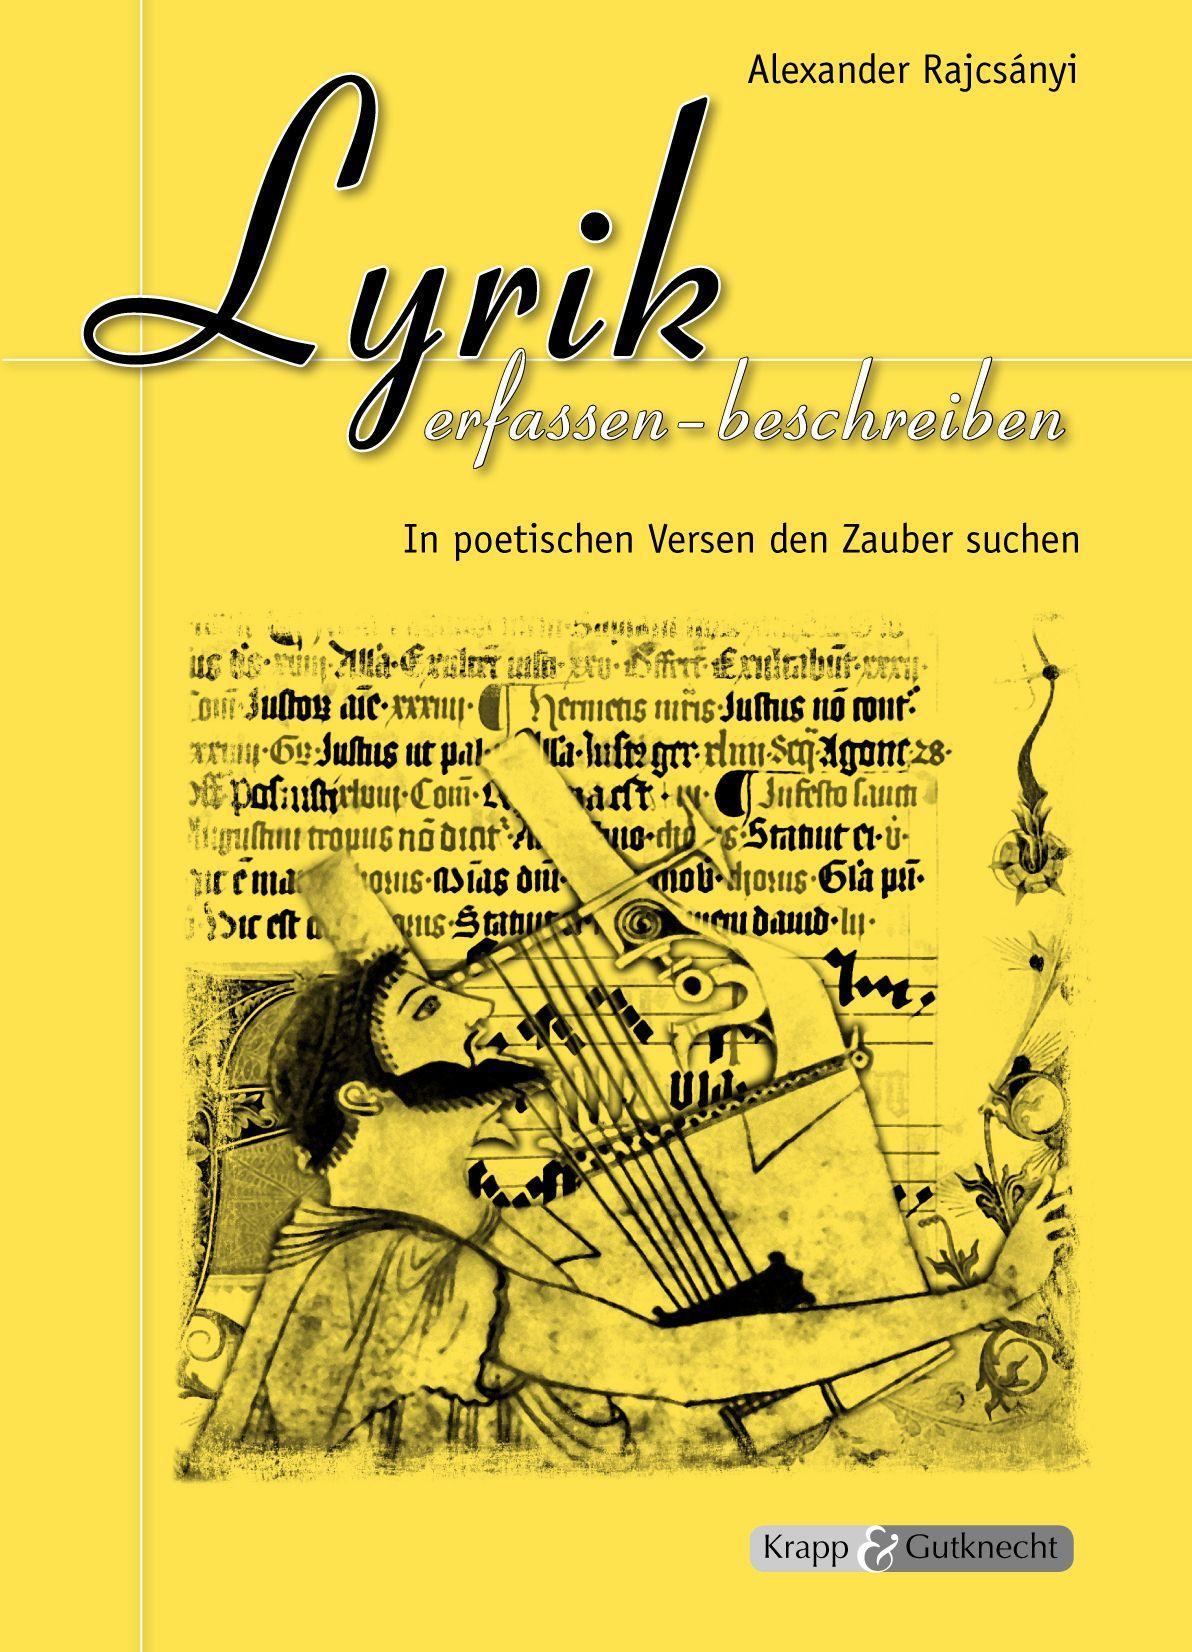 Lyrik erfassen - beschreiben von Rajcsányi, Alexander: In poetischen